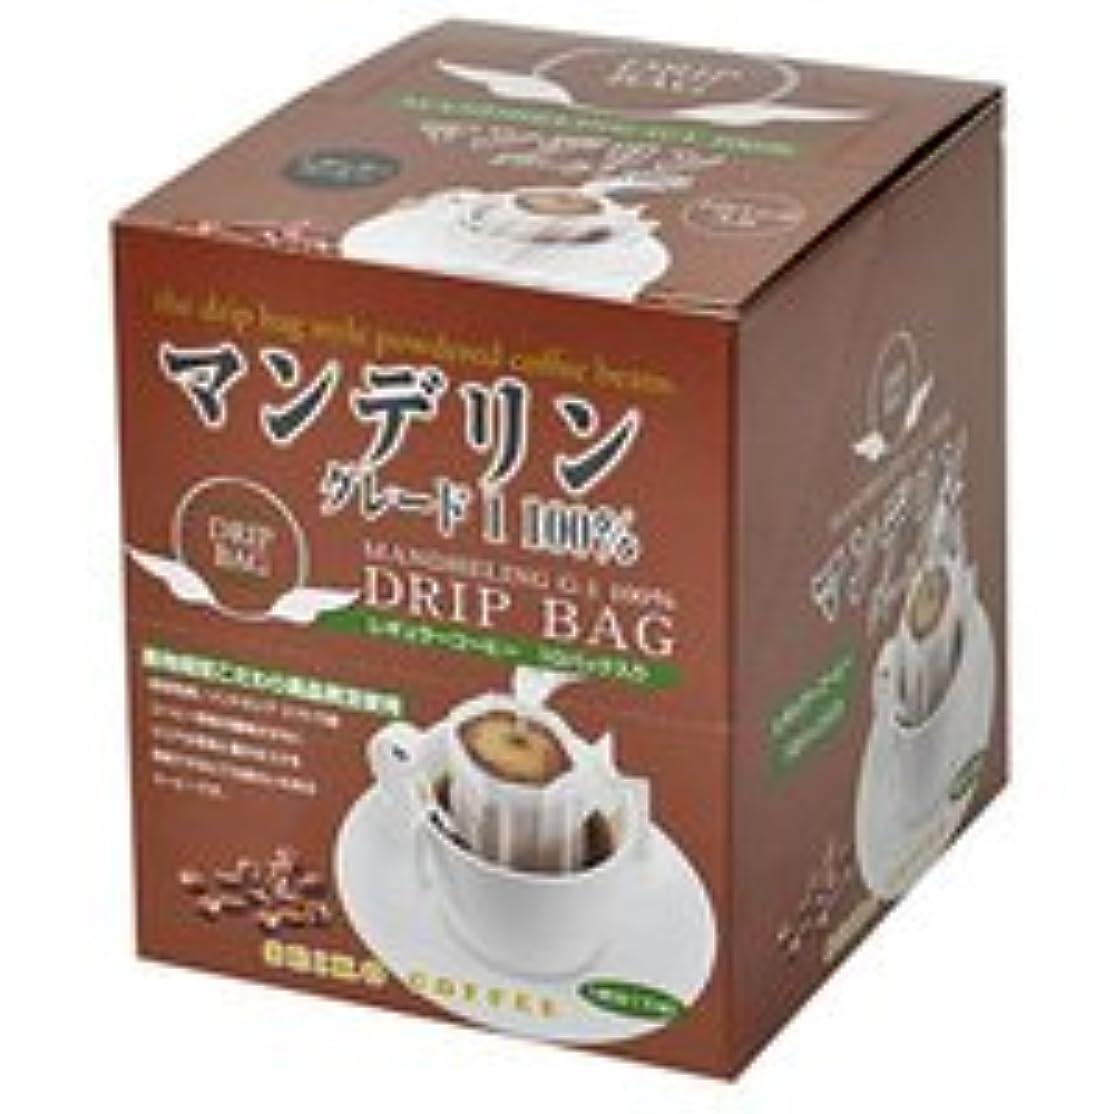 同化するマスタード受粉するカフェ工房 ドリップコーヒー マンデリングレード1 10杯分